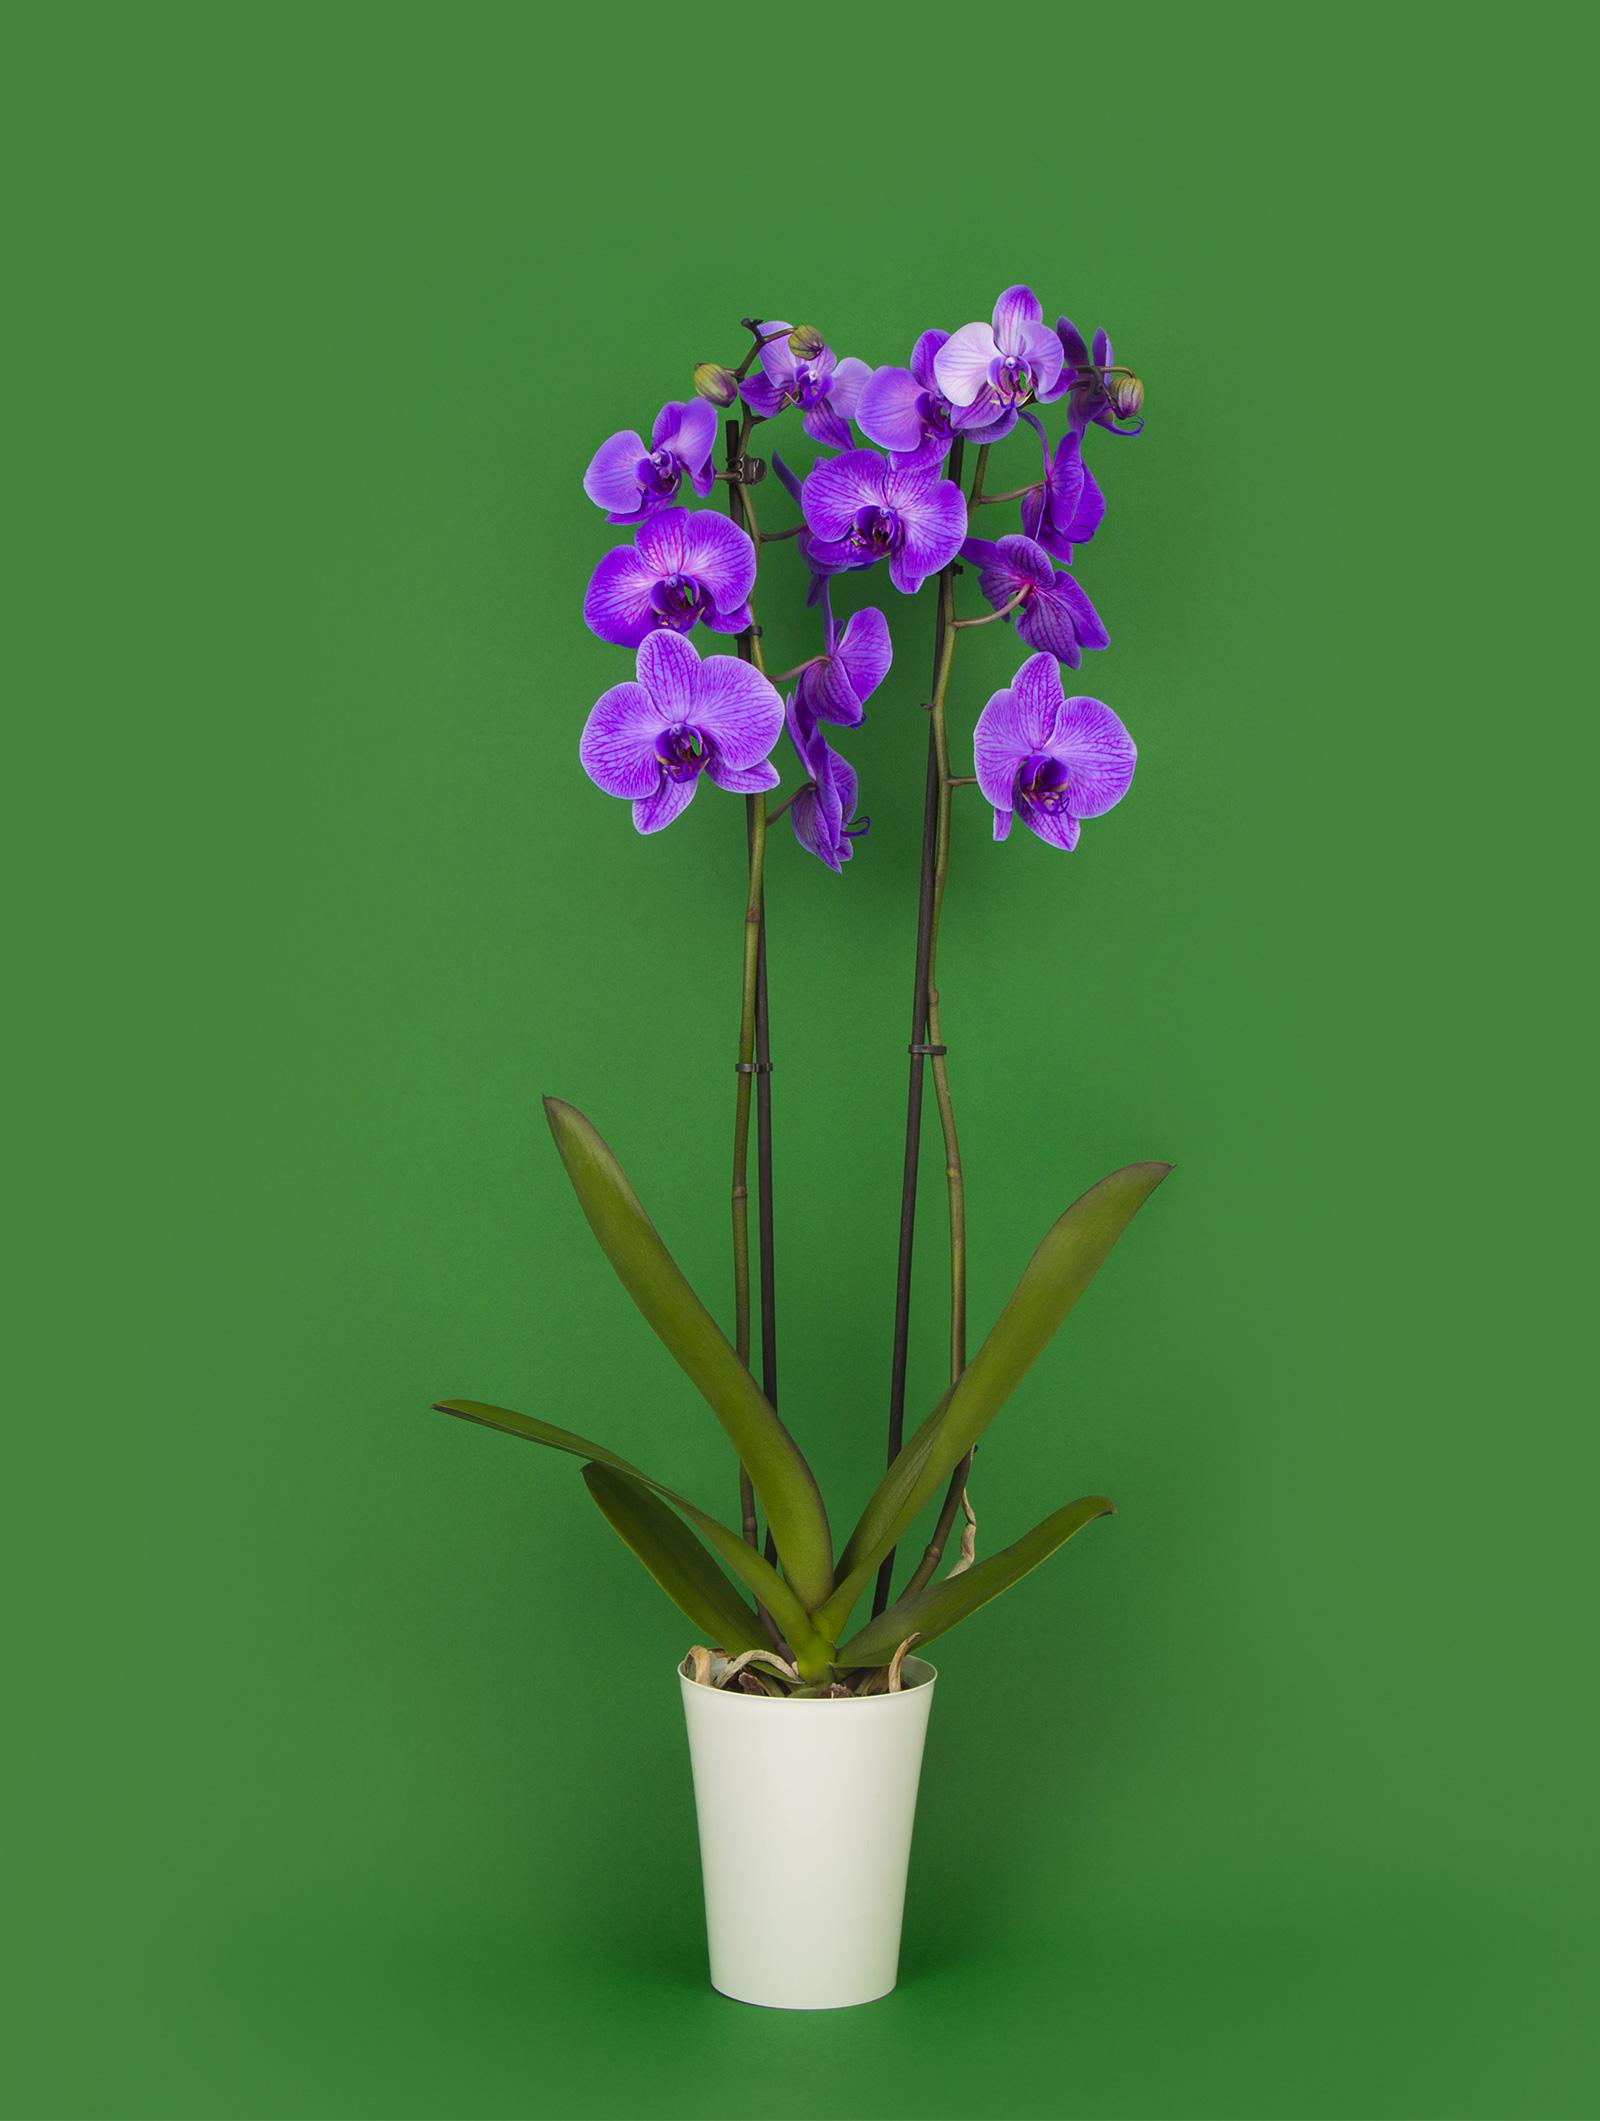 orchidée aux fleurs violettes